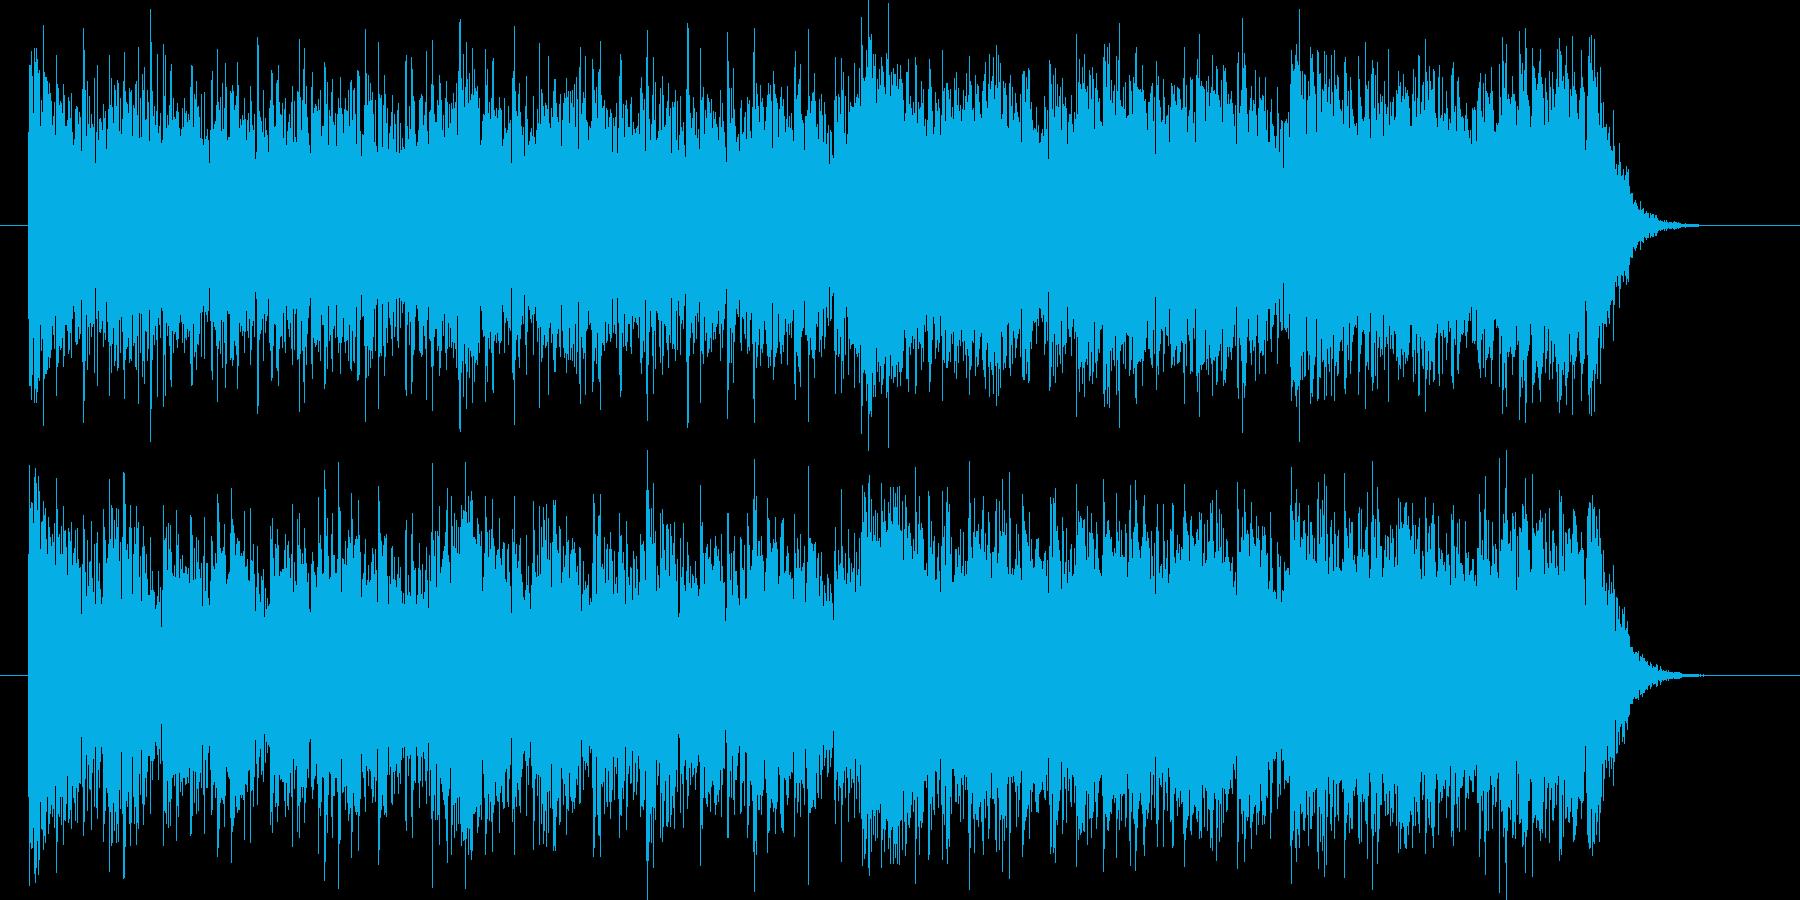 勇ましく重厚な管楽器中心のインスト曲の再生済みの波形